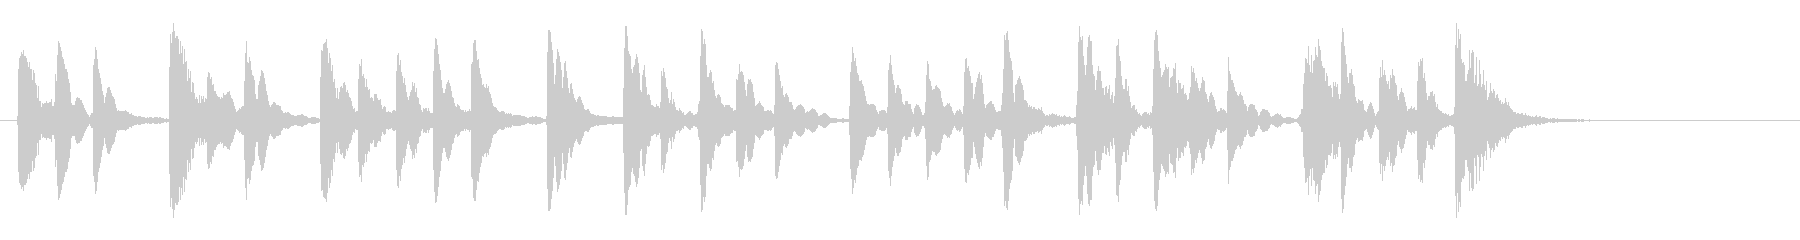 15秒ベル音CM音楽の未再生の波形